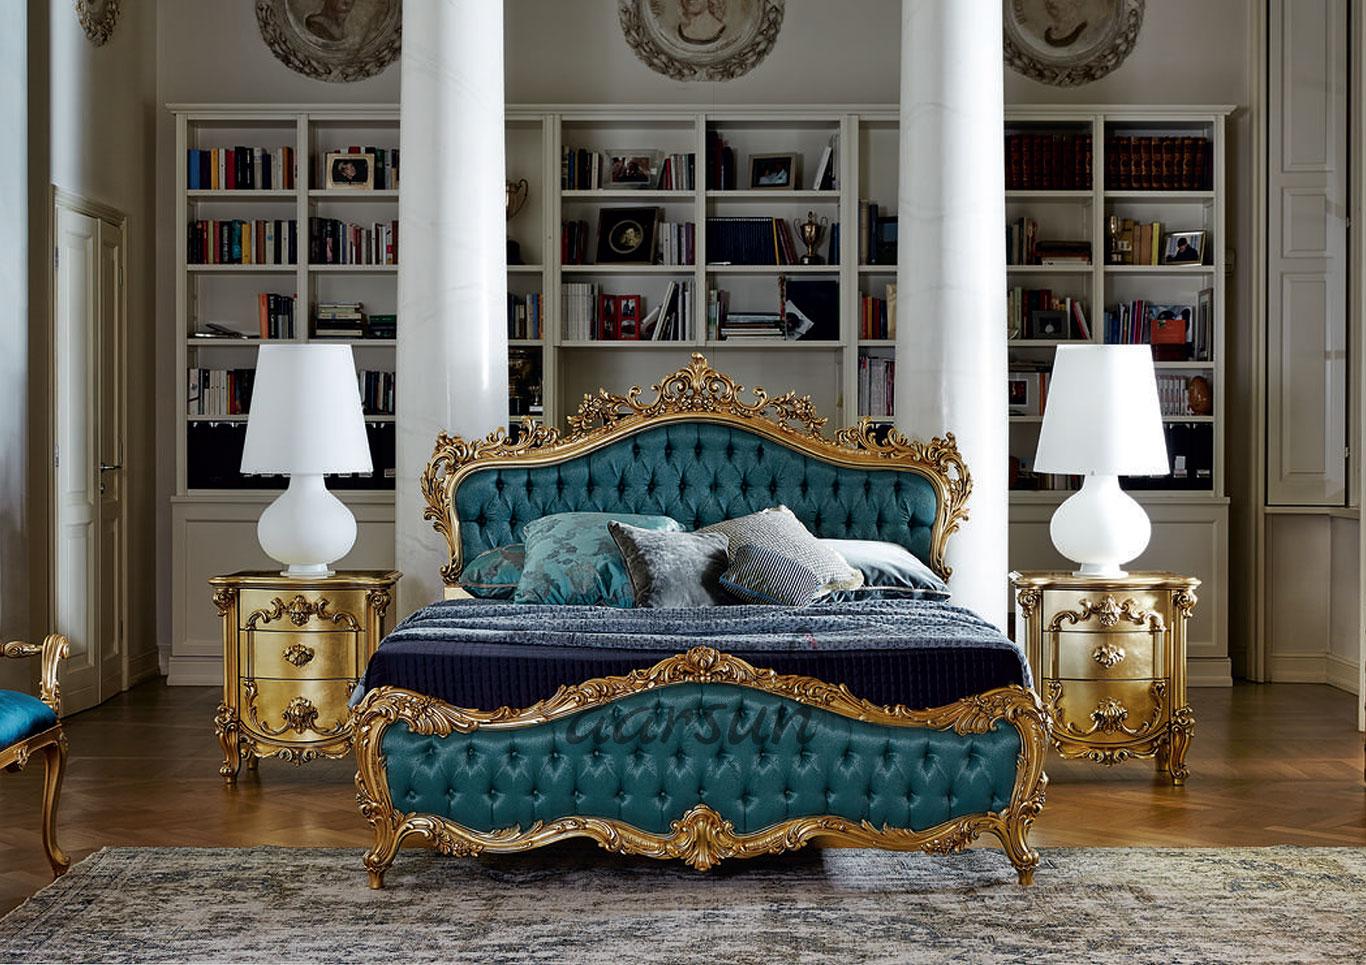 Vẻ đẹp phong cách châu Âu cuốn hút cho phòng ngủ cao cấp